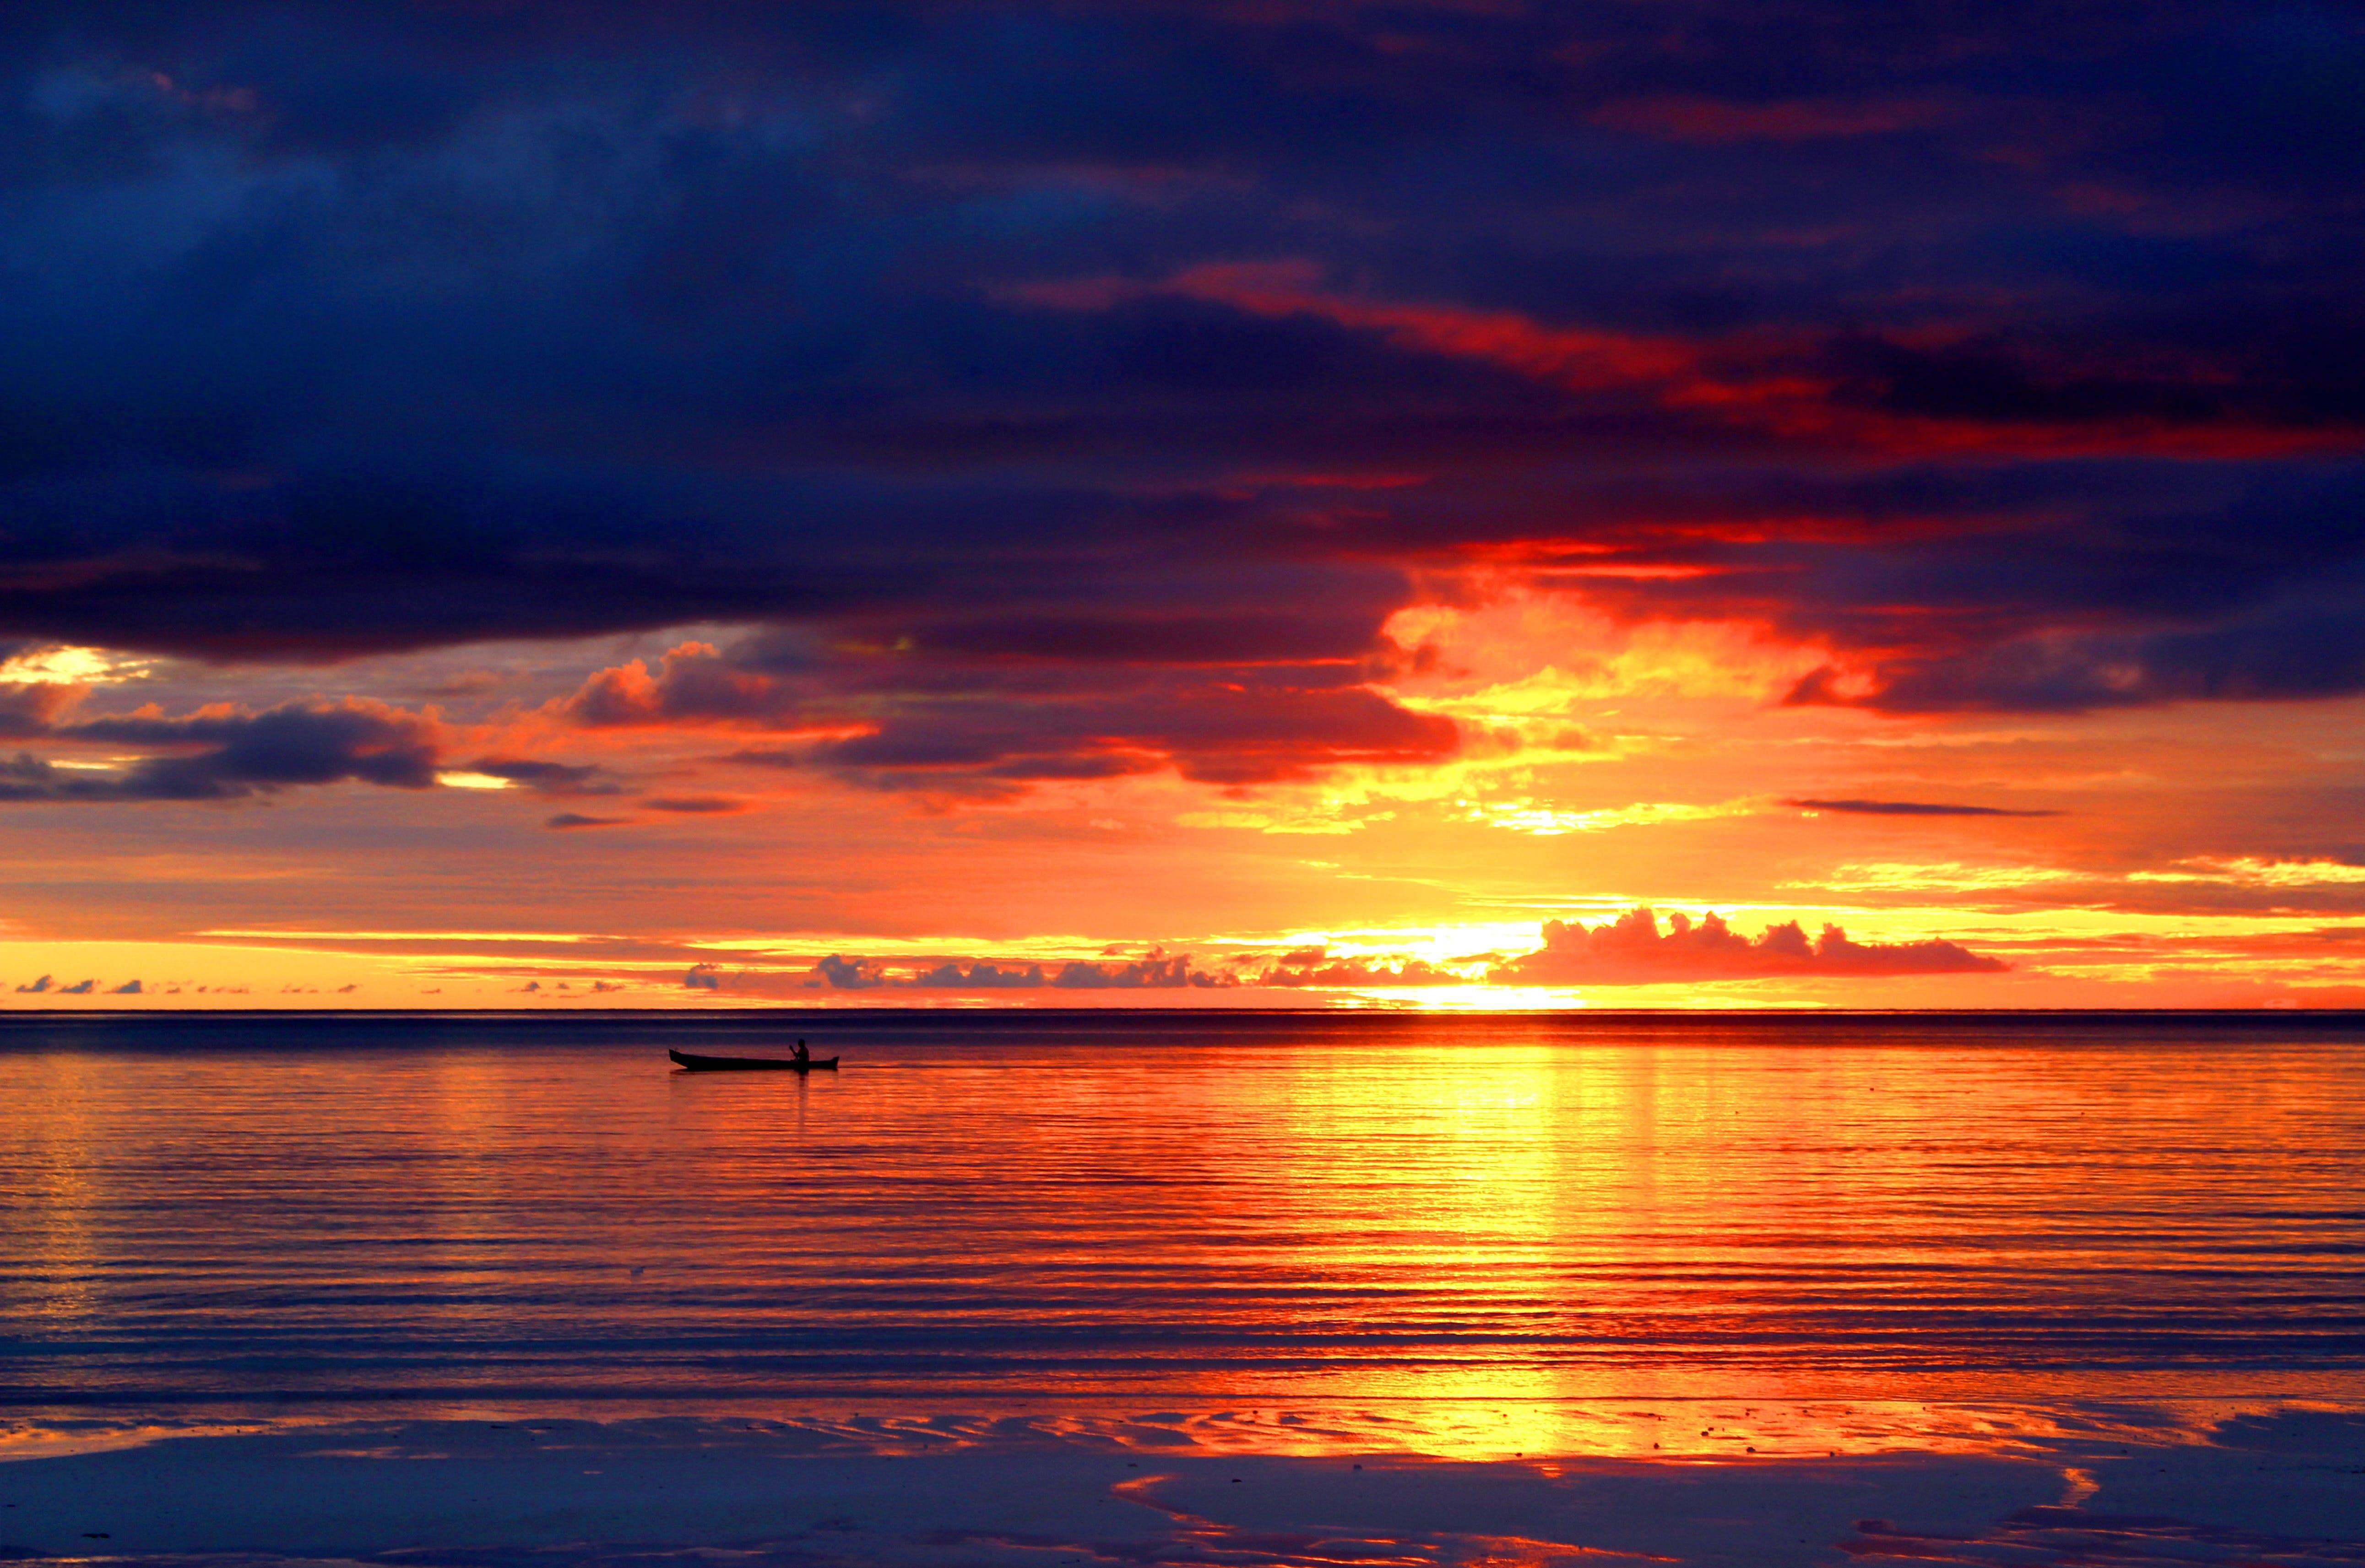 akşam, arkadan aydınlatılmış, cennet